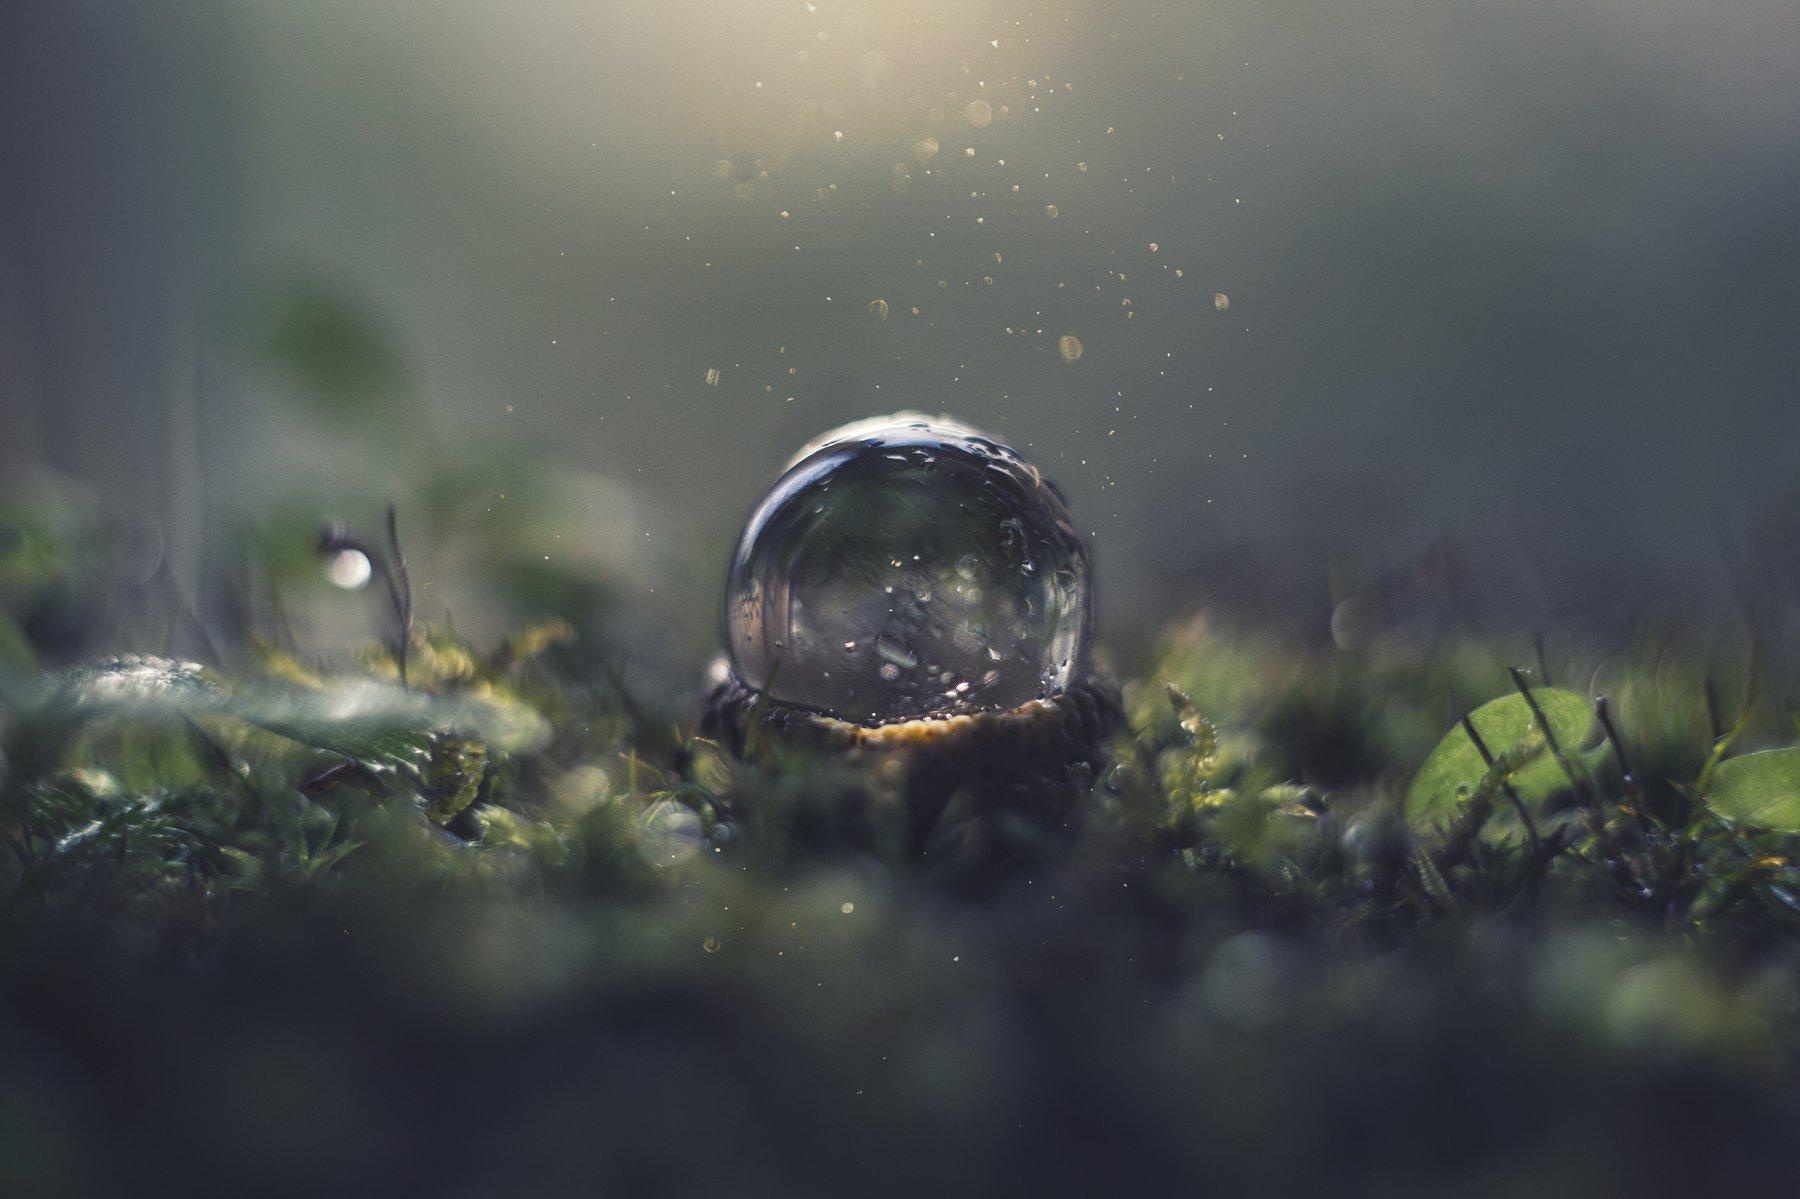 макро, макрофотография, макросъёмка, мох, лес, природа, капли, Орлова Ксения